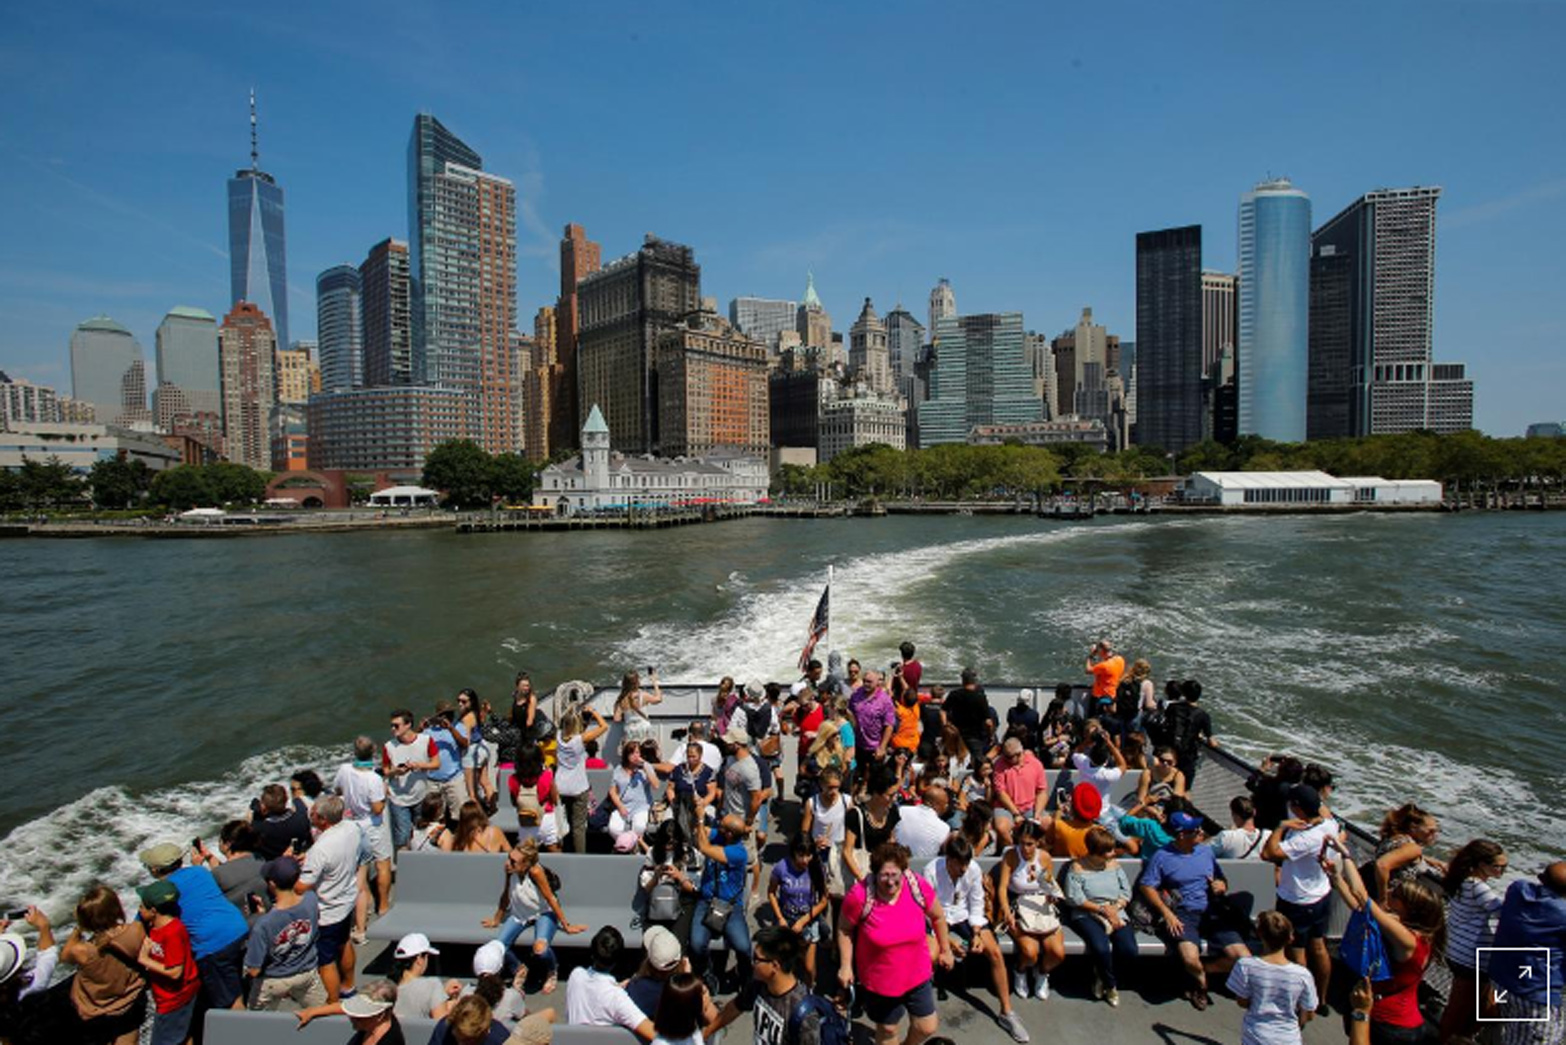 Ngành du lịch Hoa Kỳ tụt giảm vì đánh mất hình ảnh quốc gia thân thiện